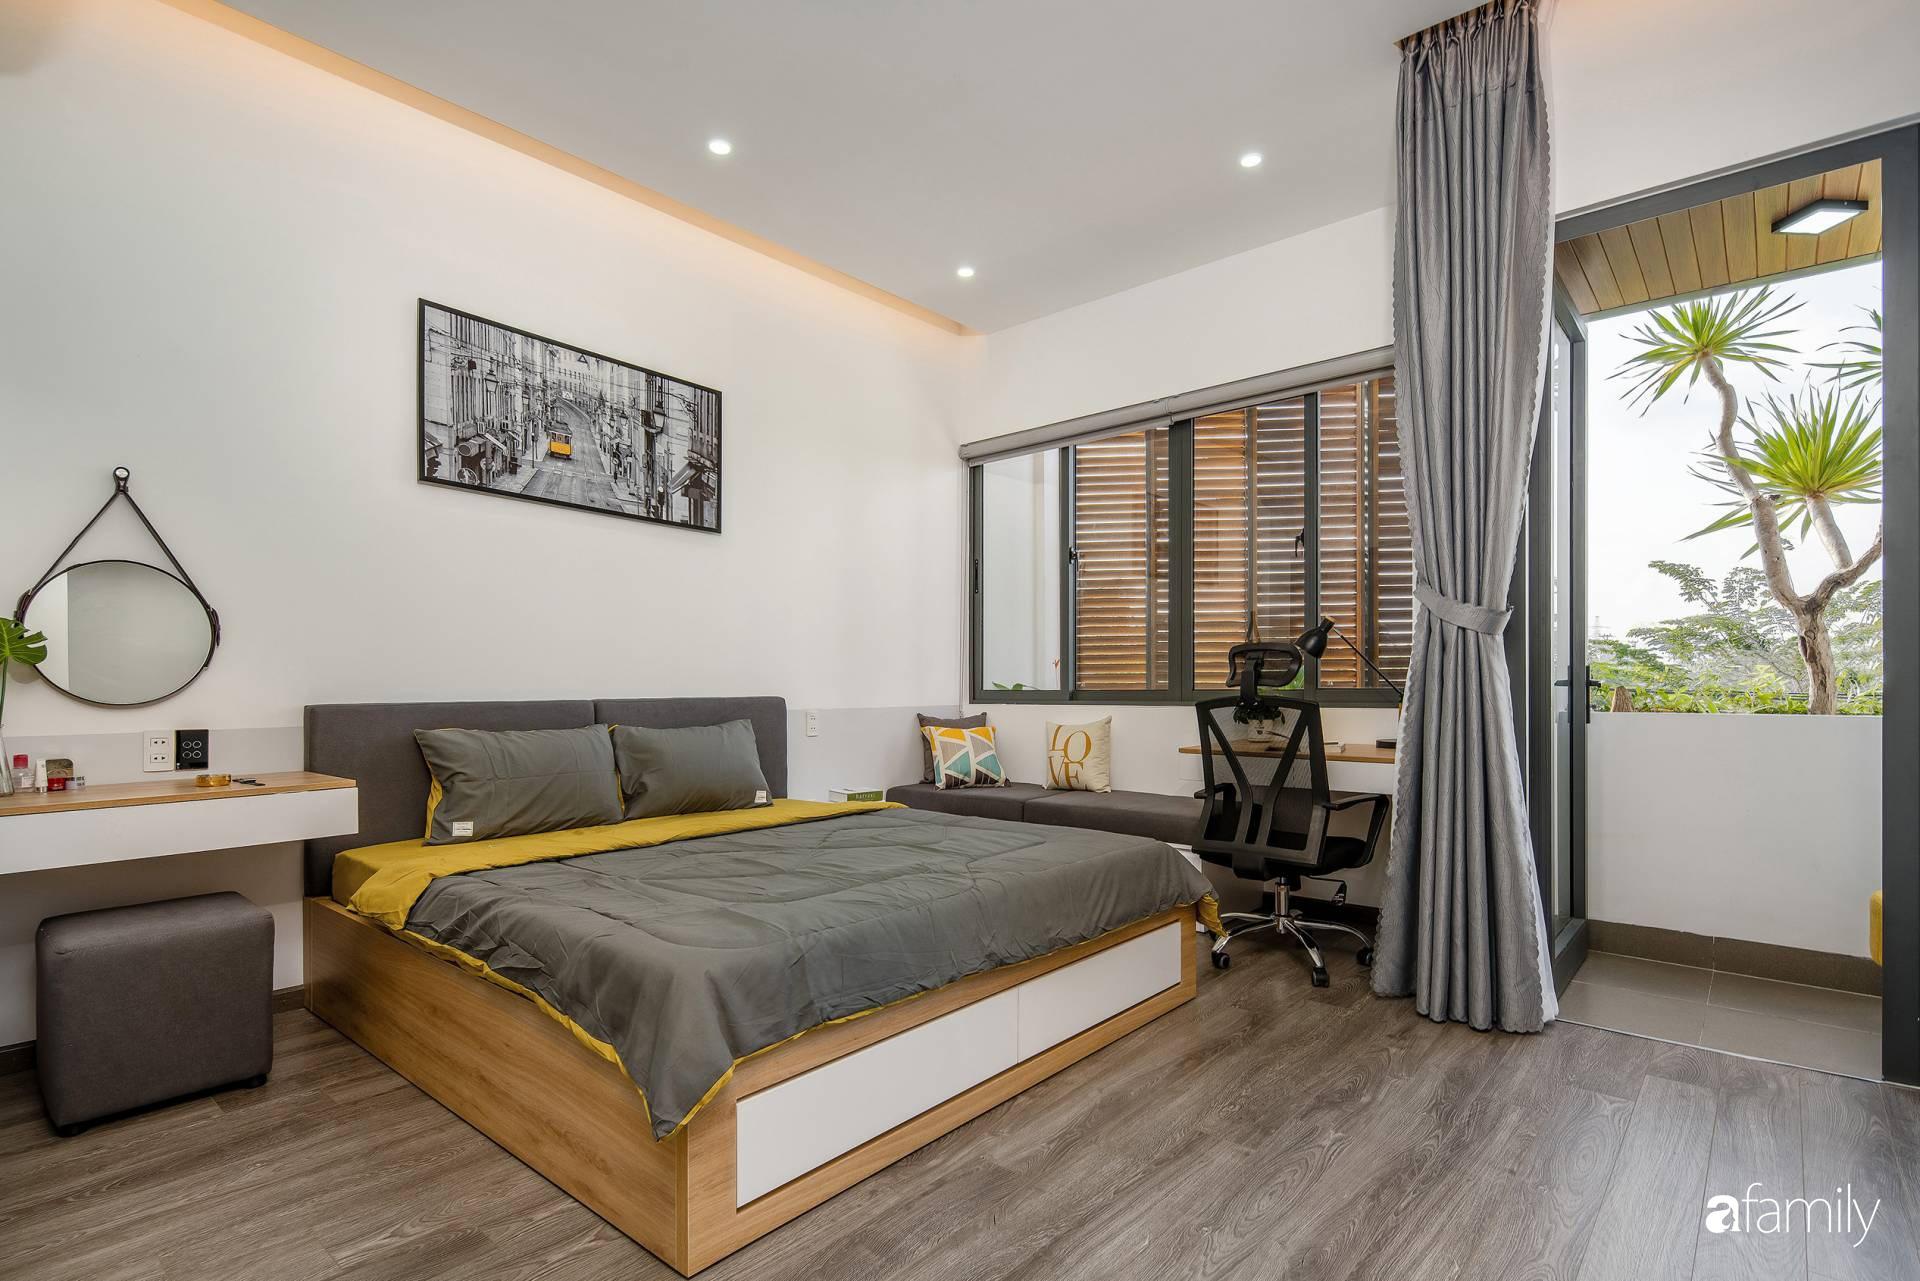 Ngôi nhà 100m2 thiết kế thông minh, tiện lợi dành cho gia đình 3 thế hệ ở Đà Nẵng - Ảnh 15.